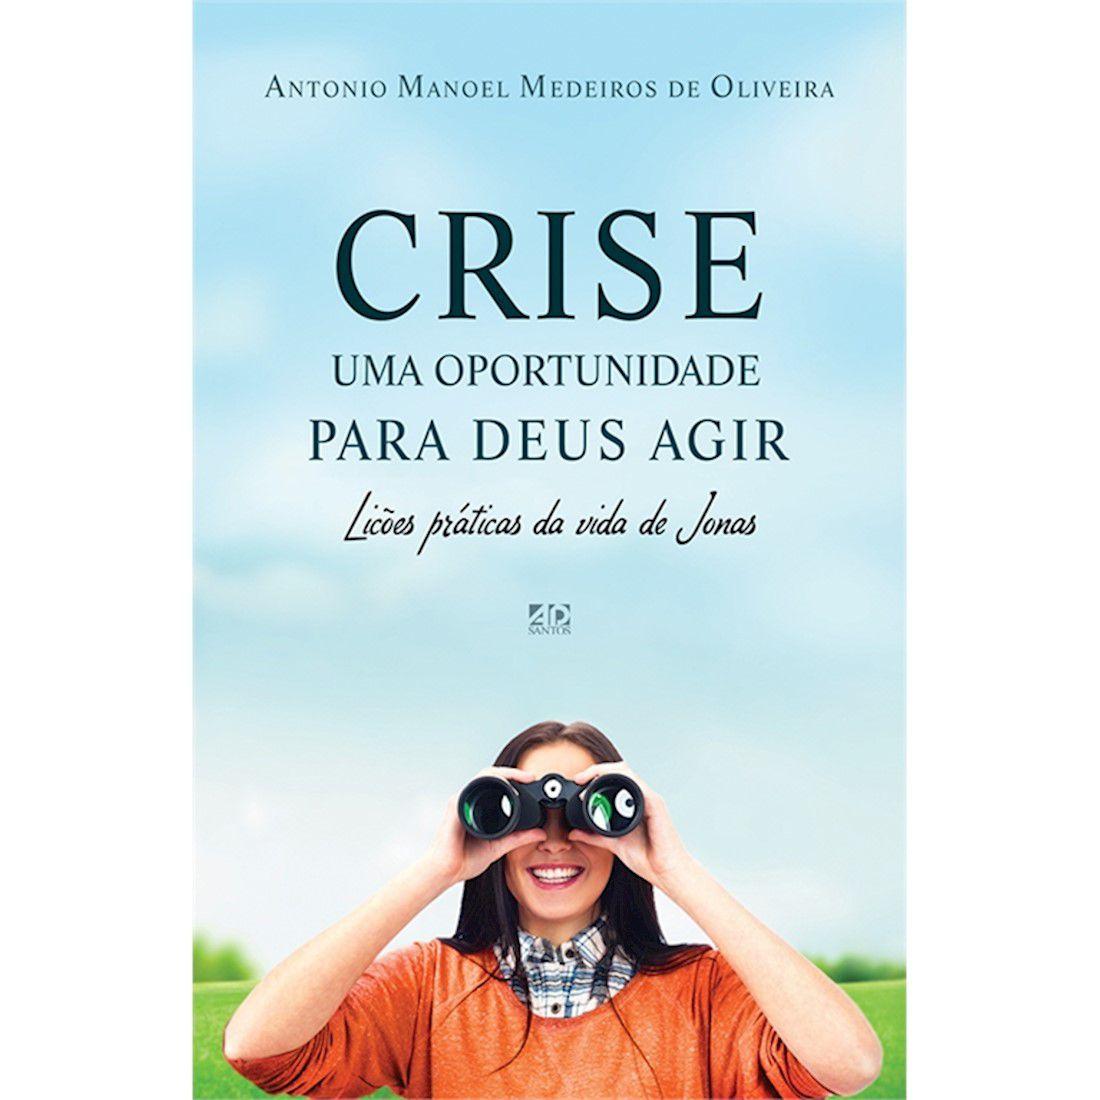 Livro Crise - Uma Oportunidade para Deus agir